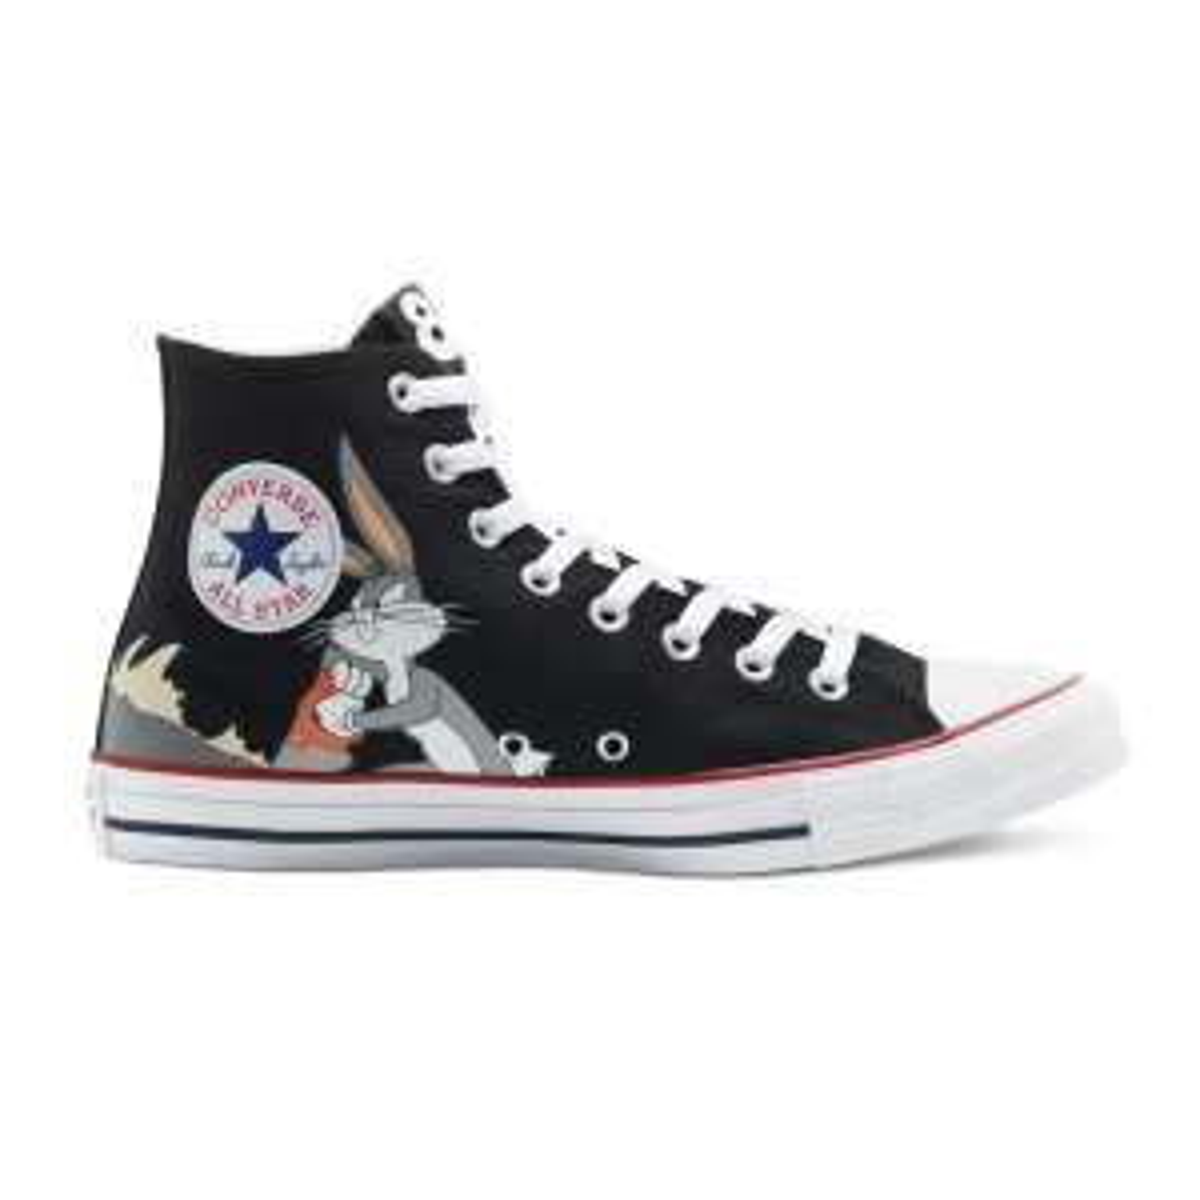 Paire de chaussures Chuck Taylor All Star Converse x Bugs Bunny pour Enfants - Tailles du 28 au 34